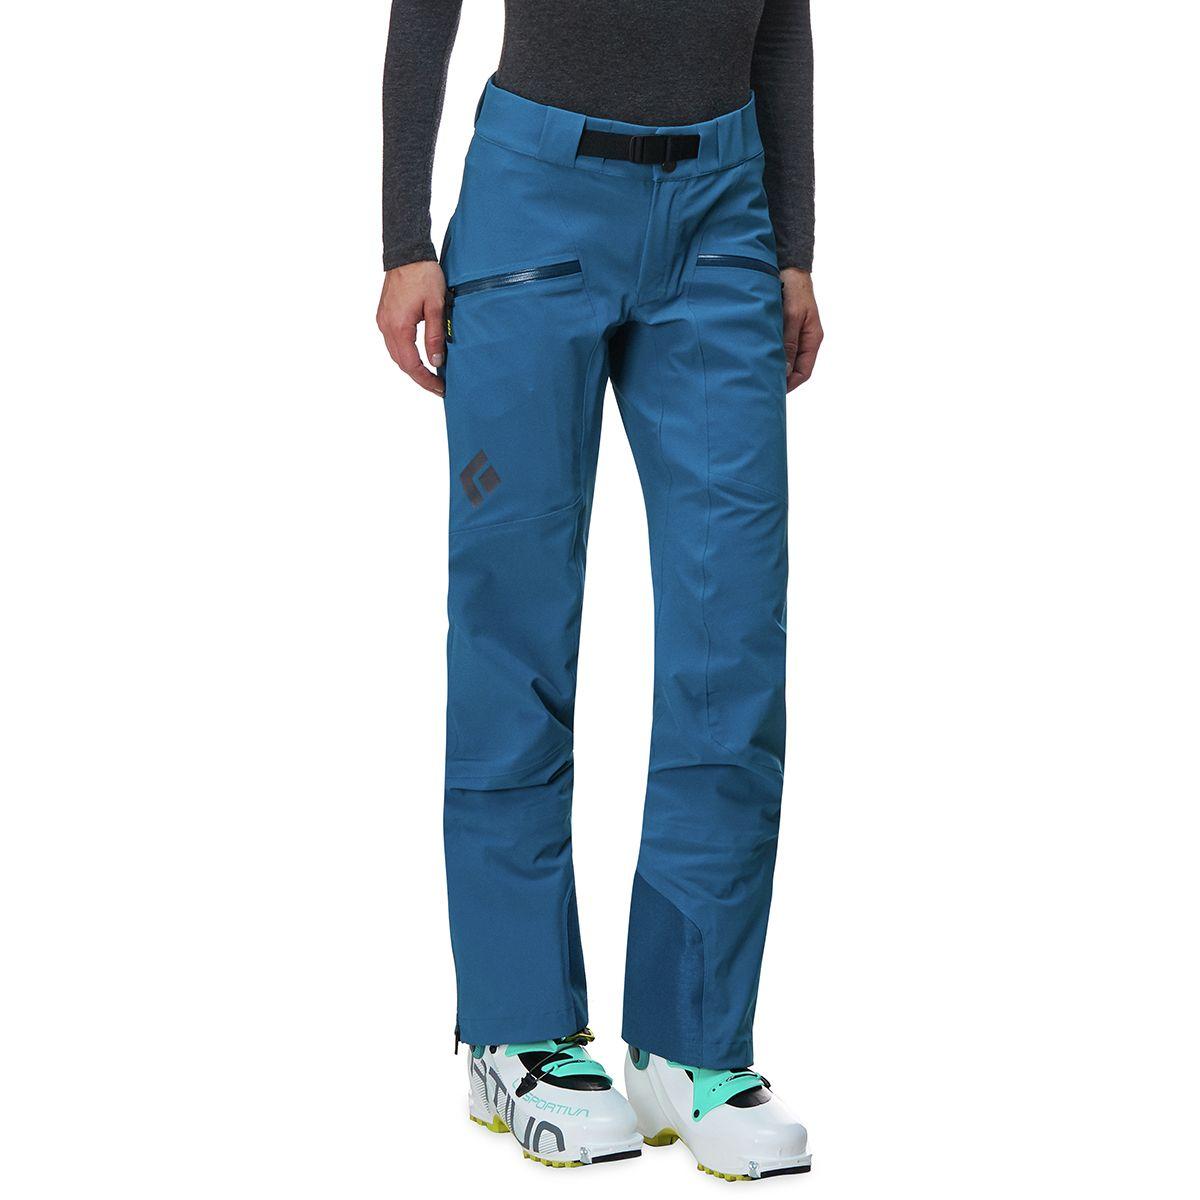 Black Diamond Recon Stretch Ski Pants